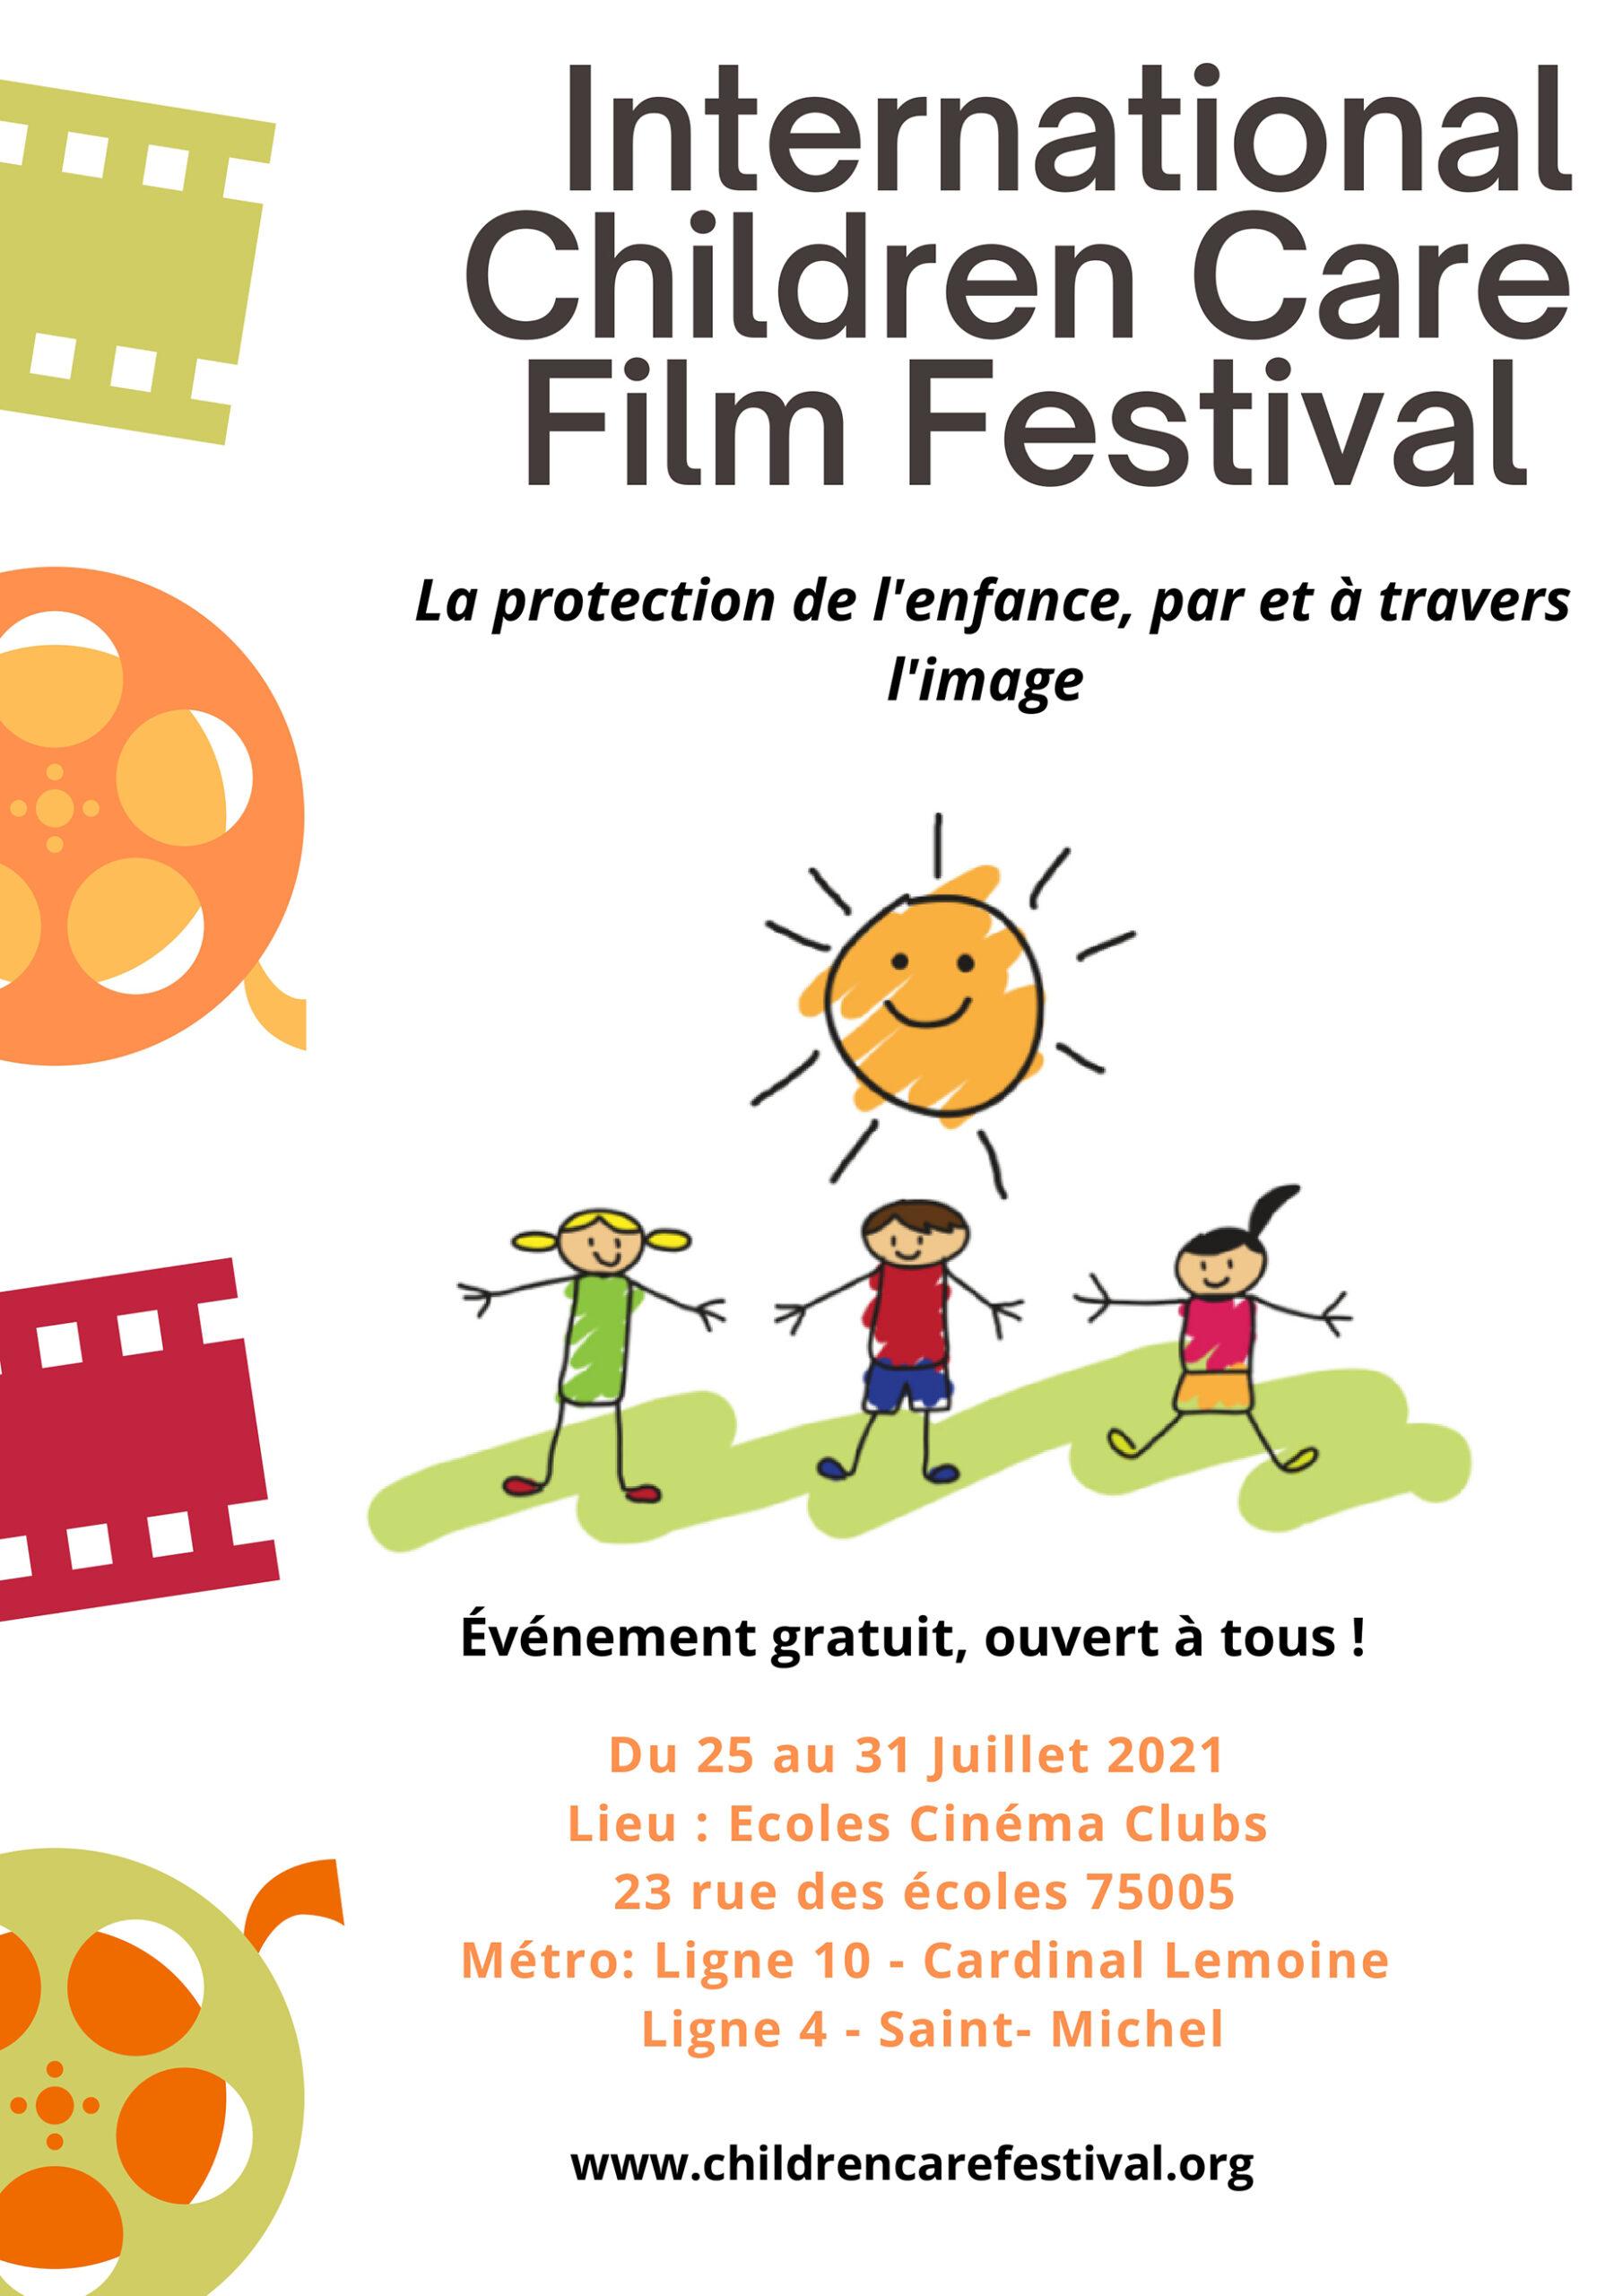 Festival du Film pour la Protection de l'Enfance Ecoles Cinéma Club Paris